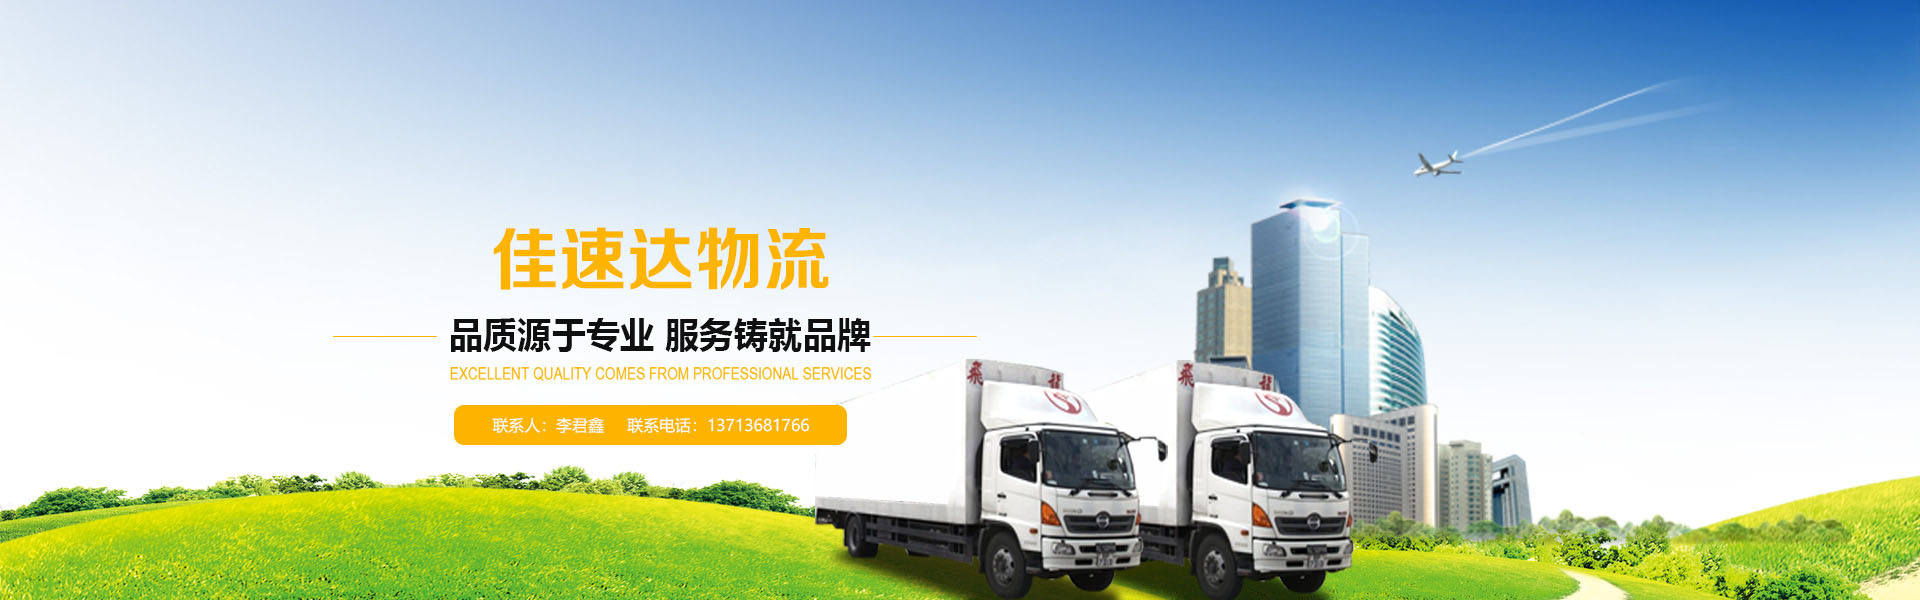 广州荔湾到四川凉山12米货柜车@大件运输